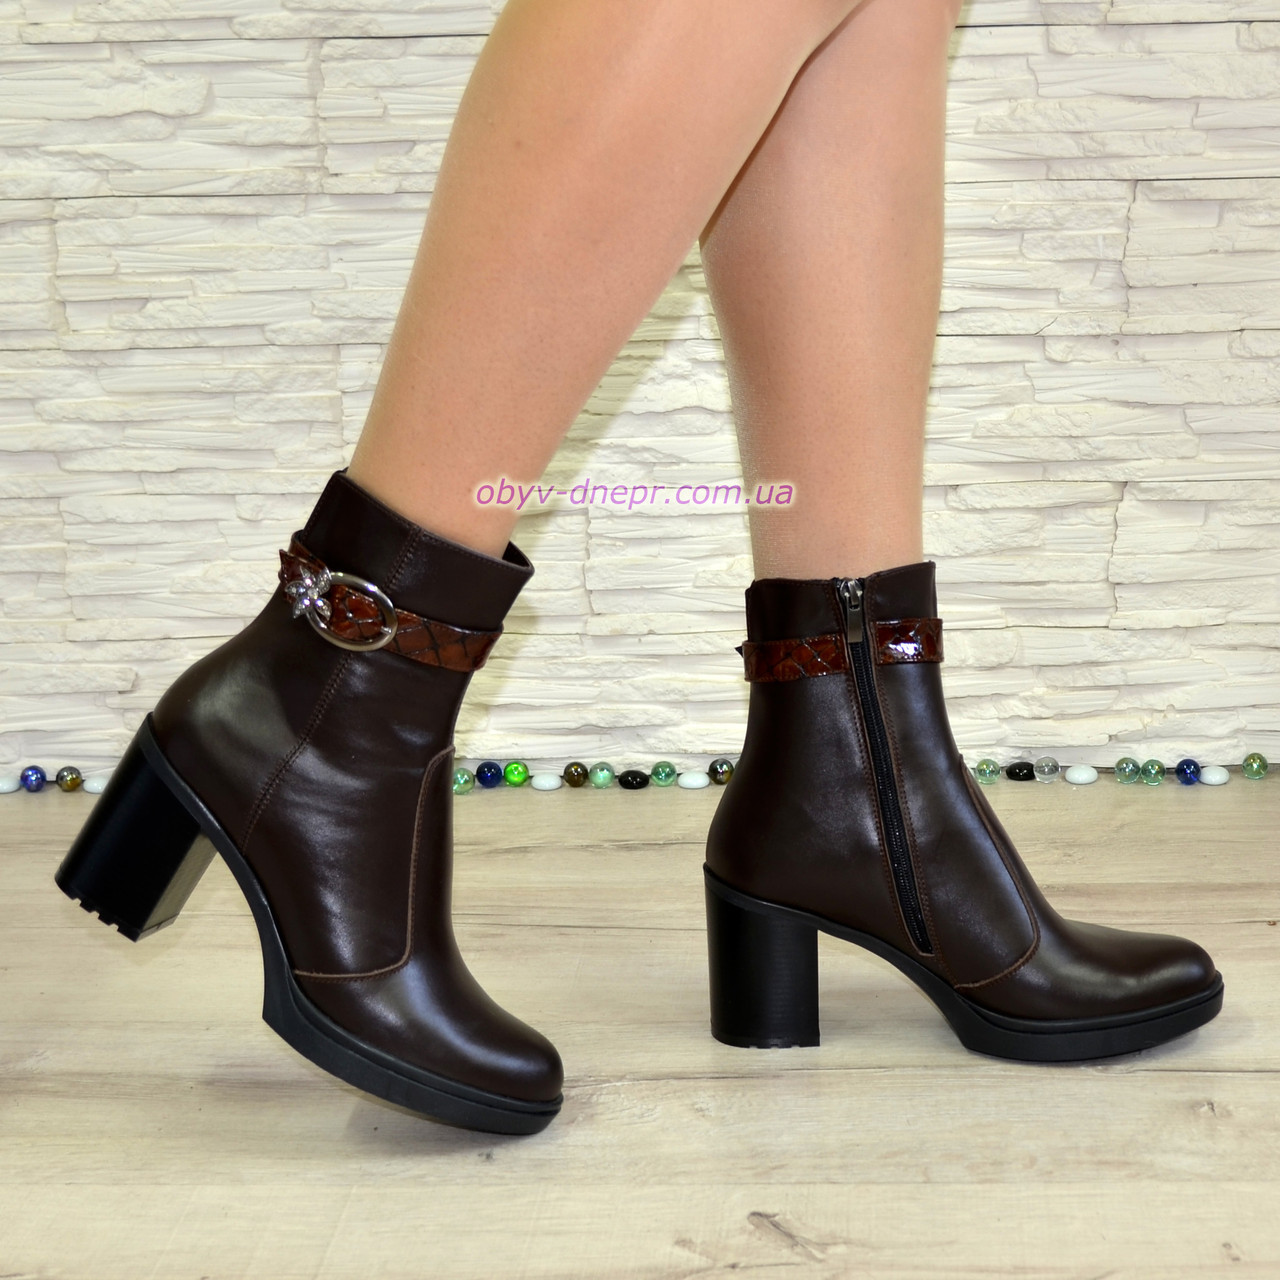 """Женские кожаные демисезонные ботинки, декорированы ремешком из натуральной кожи """"крокодил"""""""